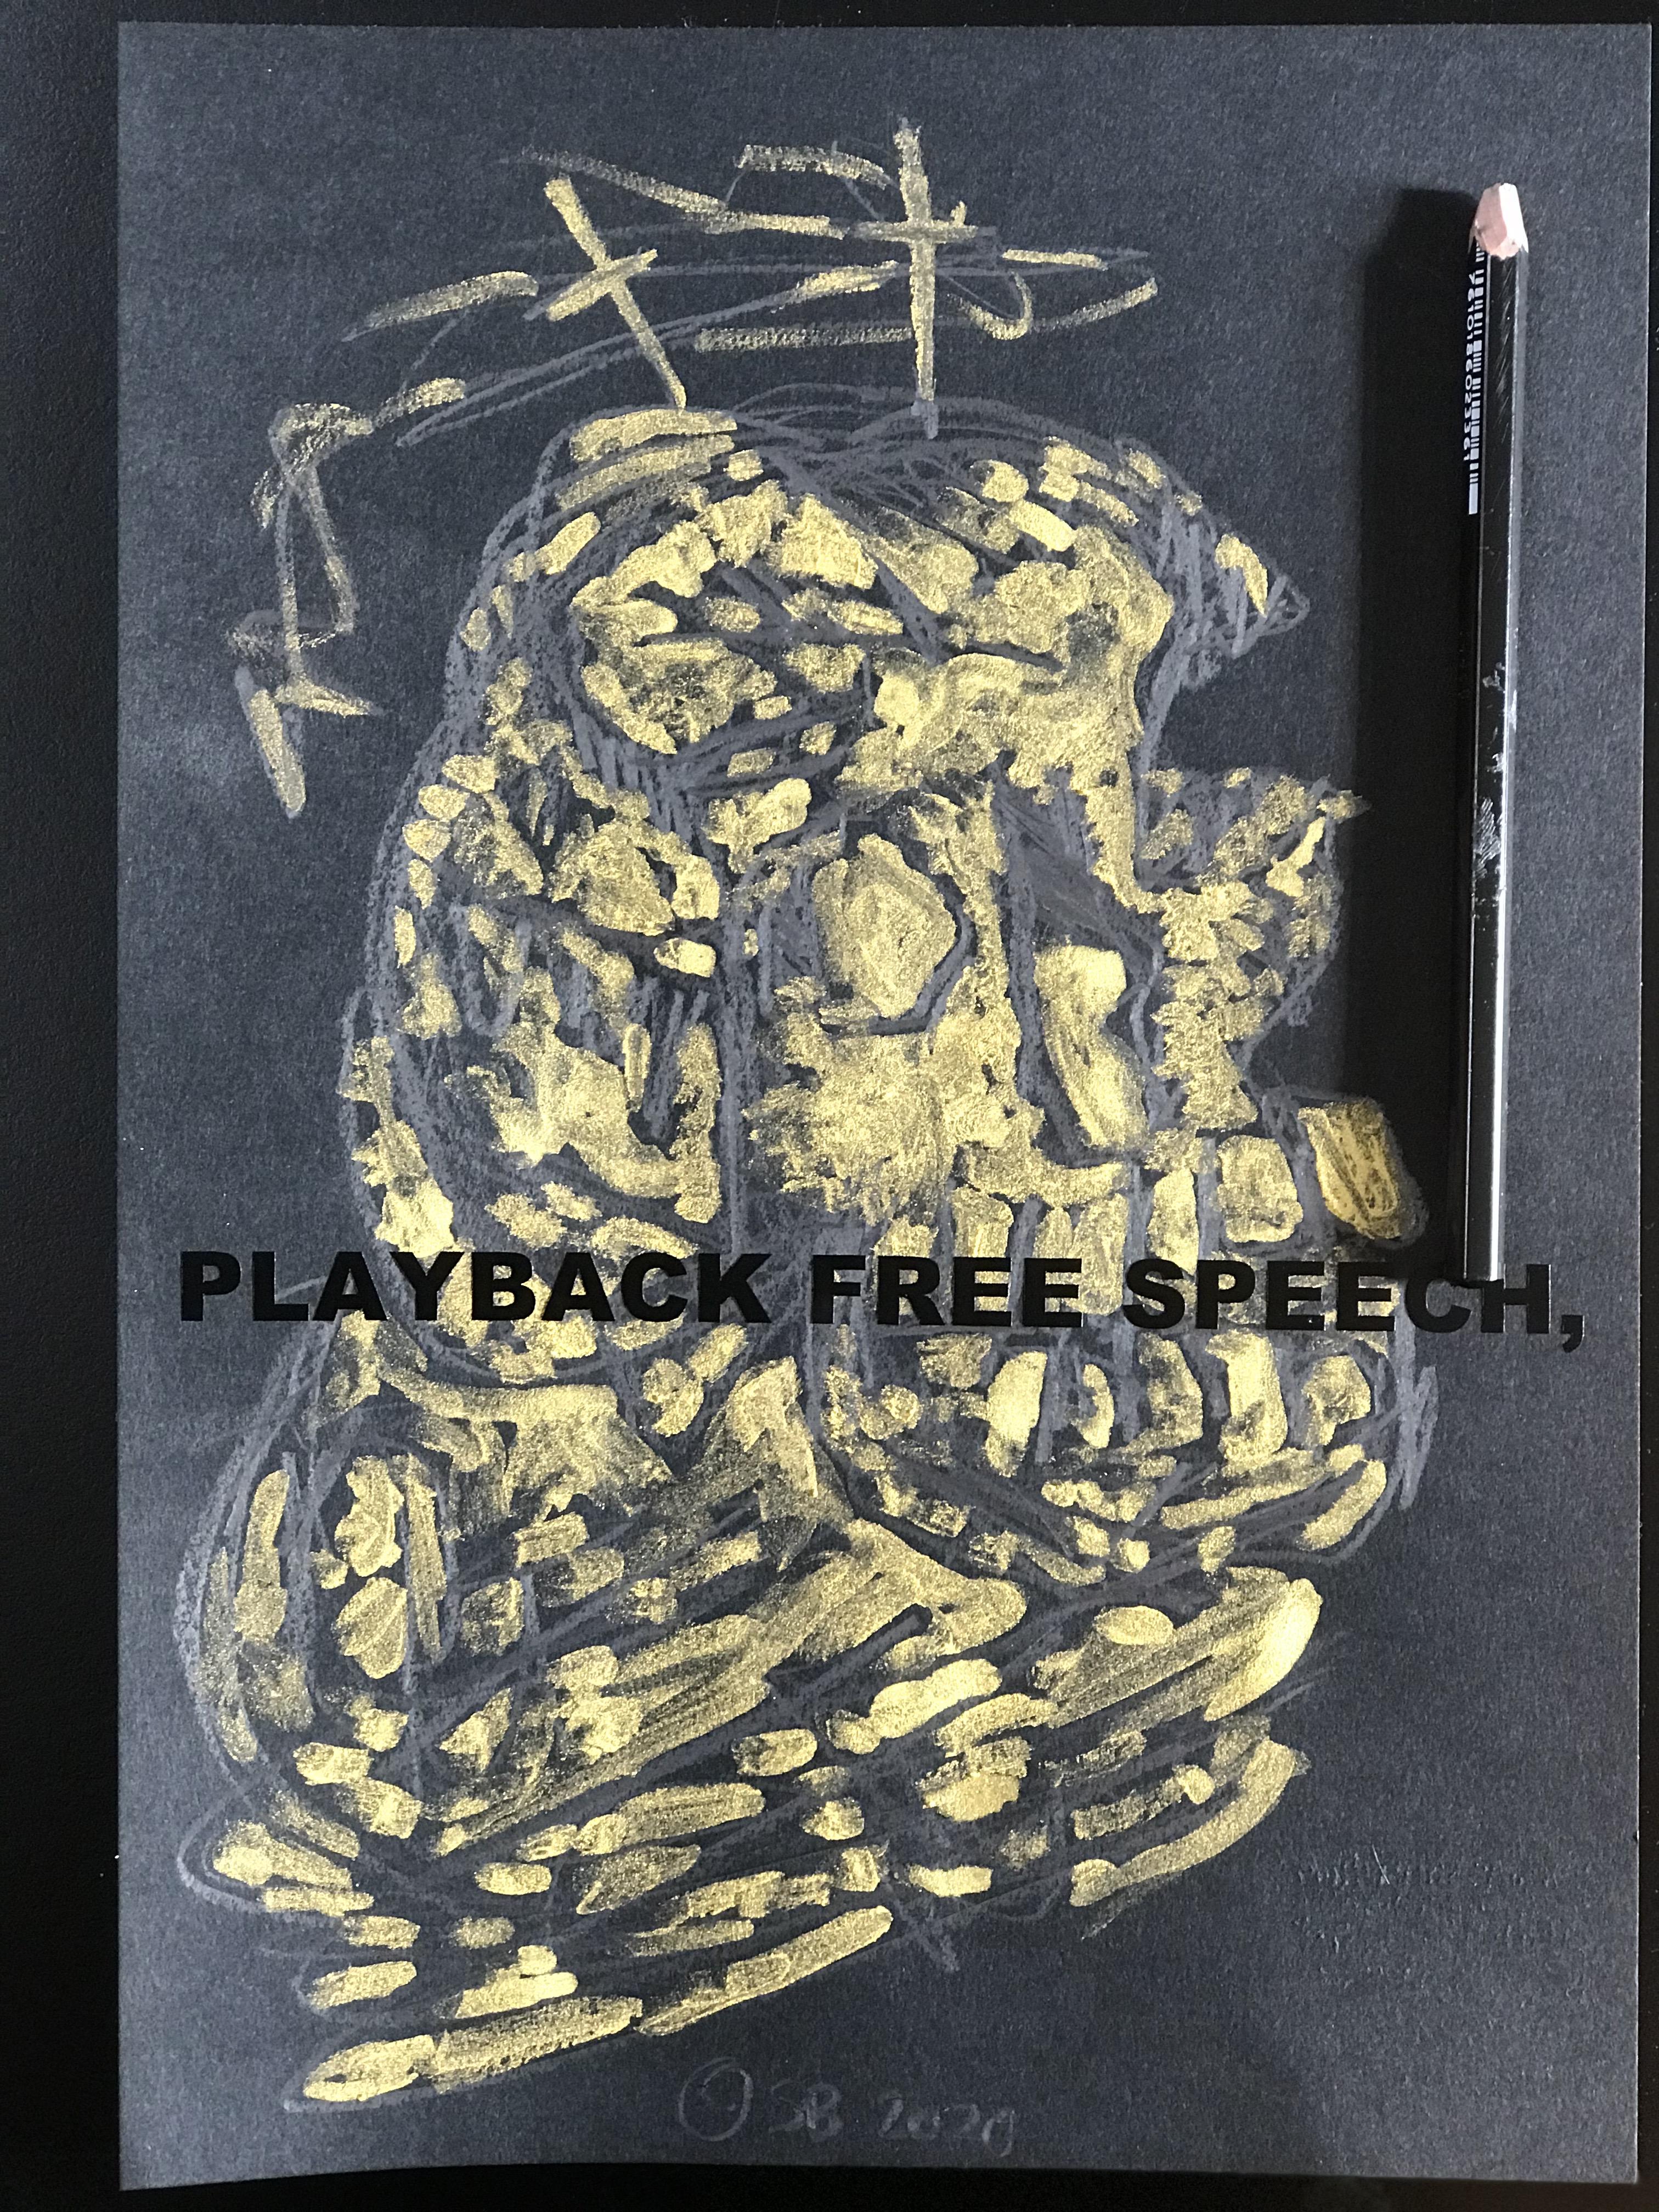 変化し流動する社会を見つめた作品展「UNLEASHED SPEED UNLEASHED SPEECH